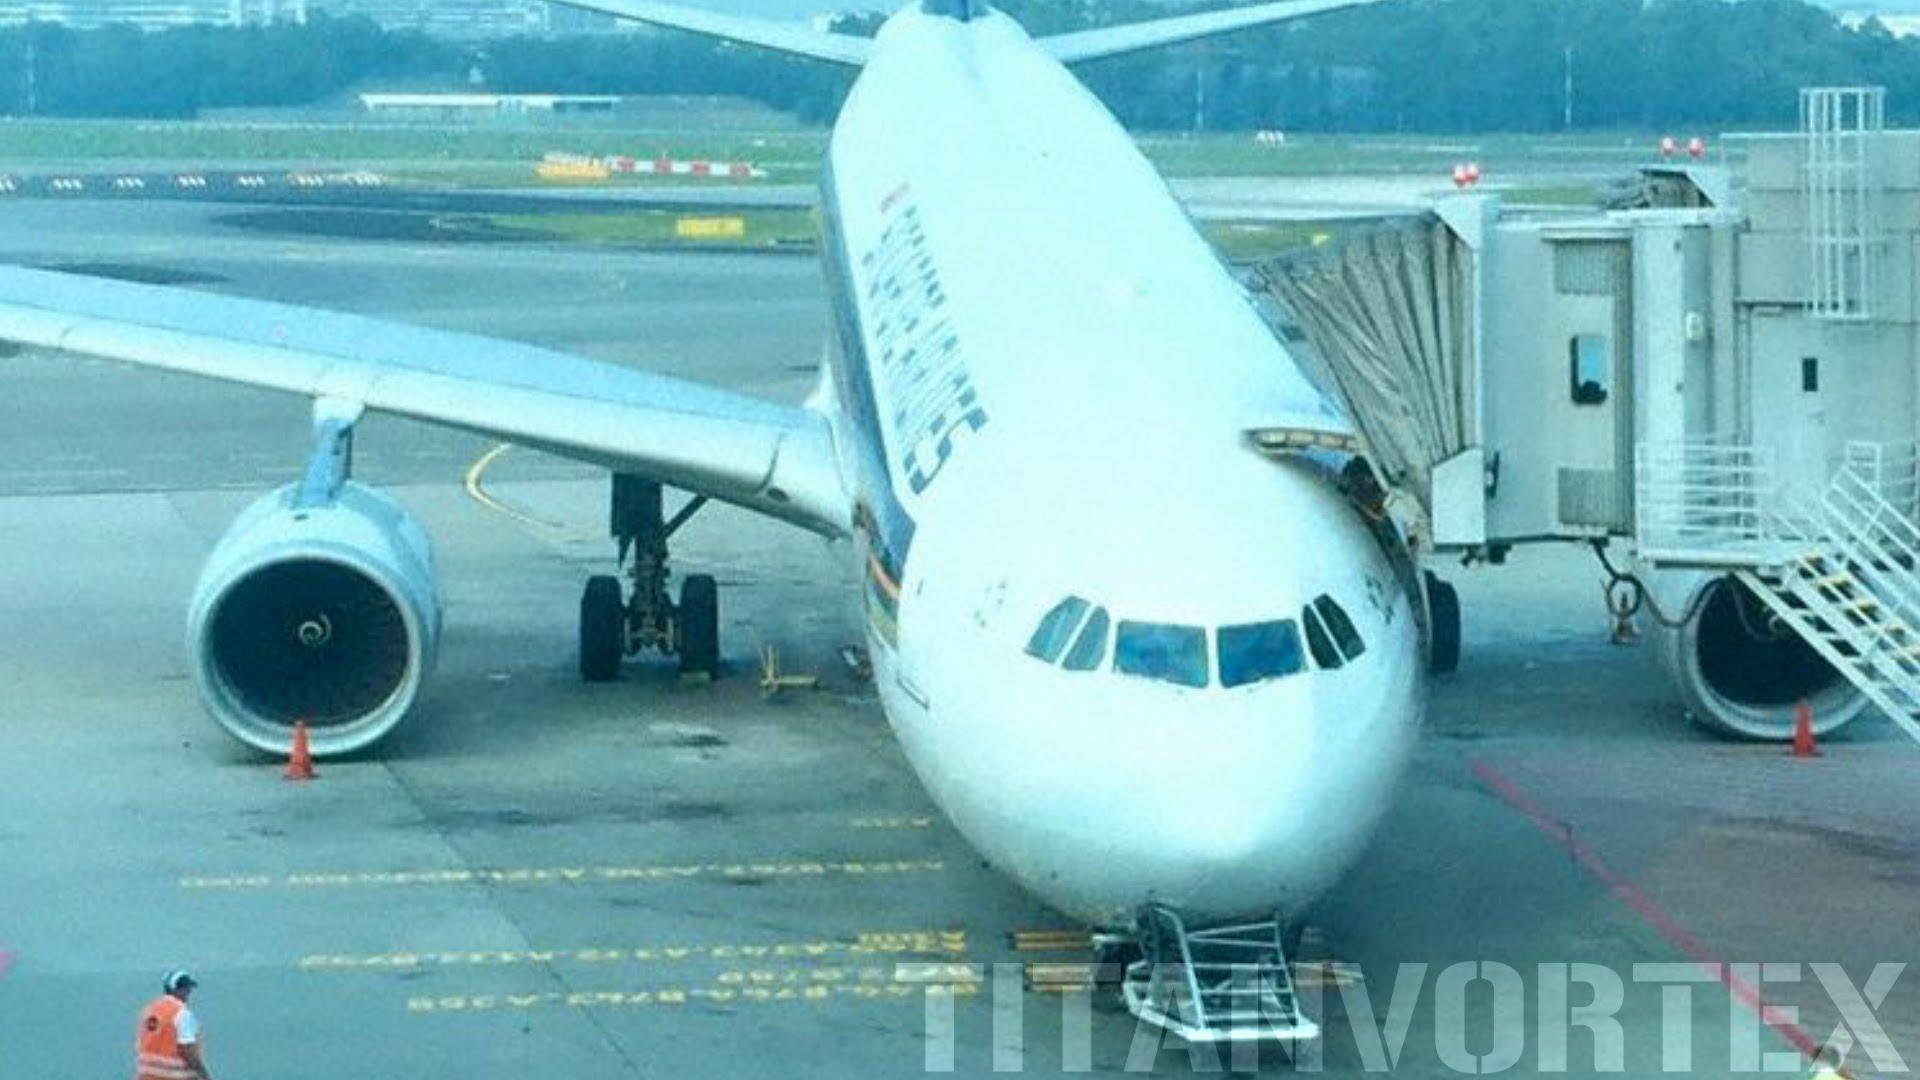 シンガポール航空機の前方が突然崩れる事故動画